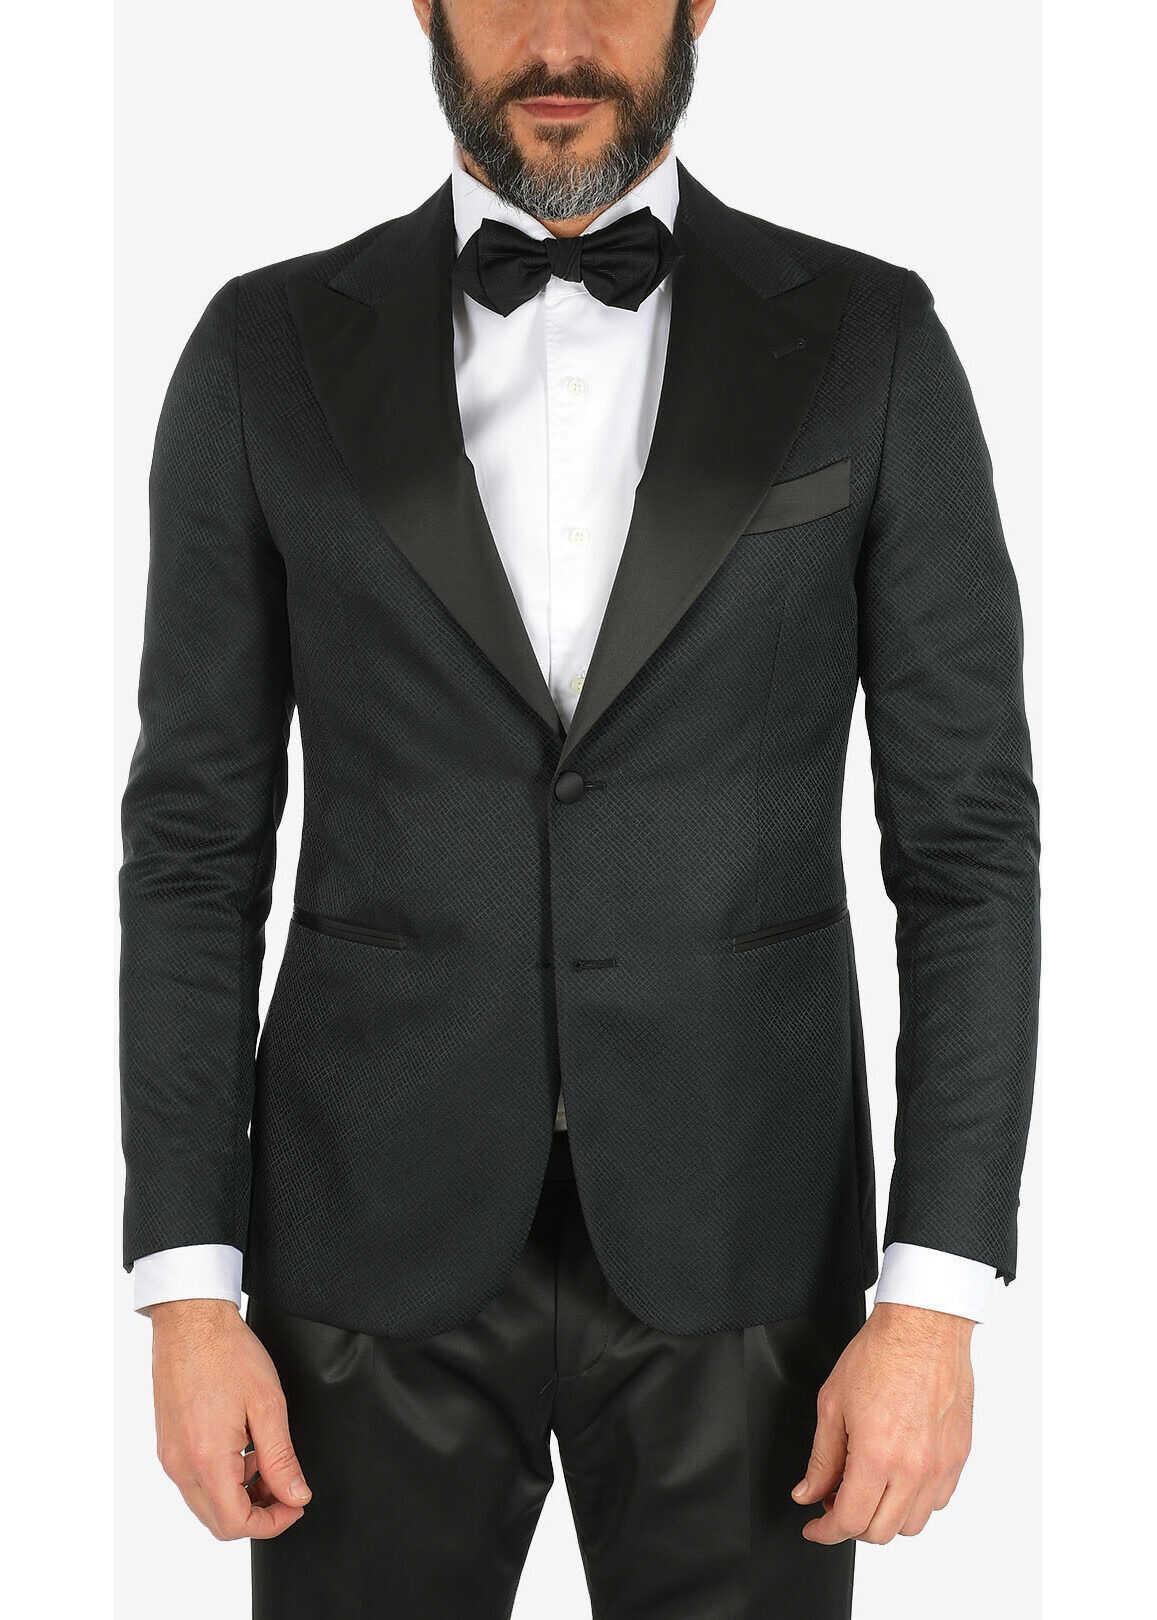 CORNELIANI CC COLLECTION mini check CERIMONIA REWARD blazer BLACK imagine